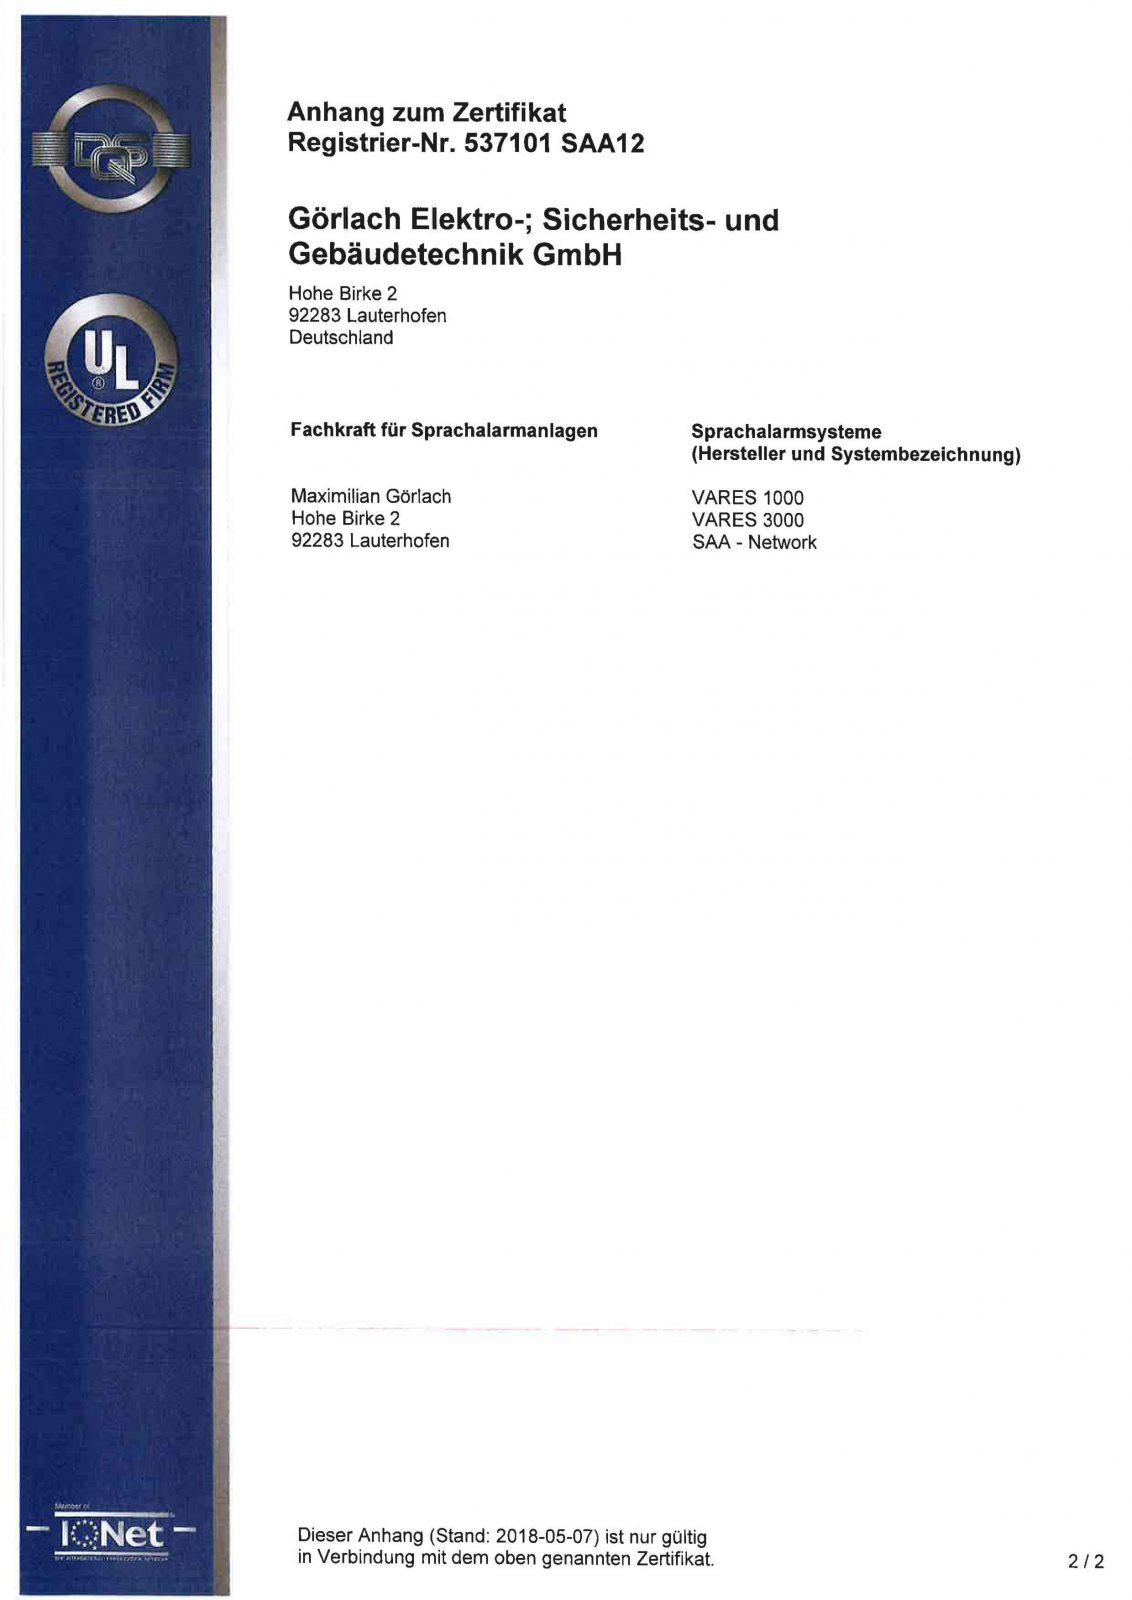 Zertifikat_Sprachalarmanlagen_DIN 14675 Seite2